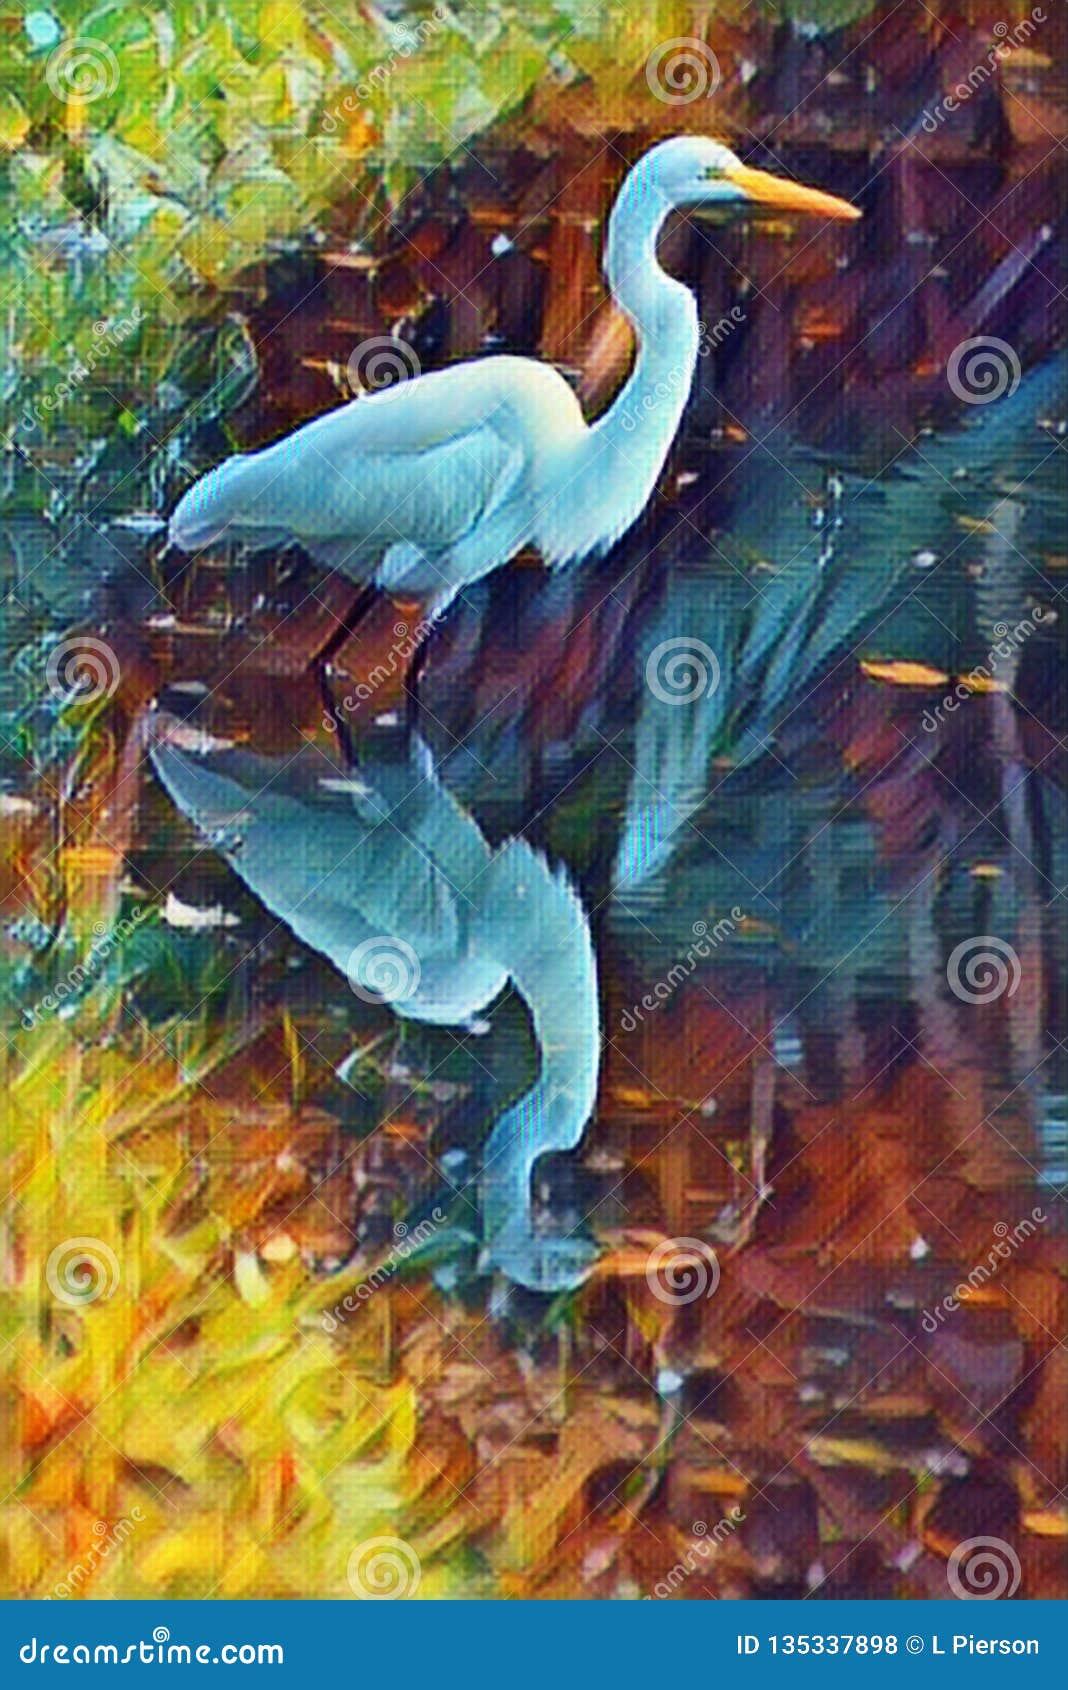 La scena astratta dell egretta visualizza la bella riflessione di uno stagno dell ancora acqua mentre la nostra egretta cerca la